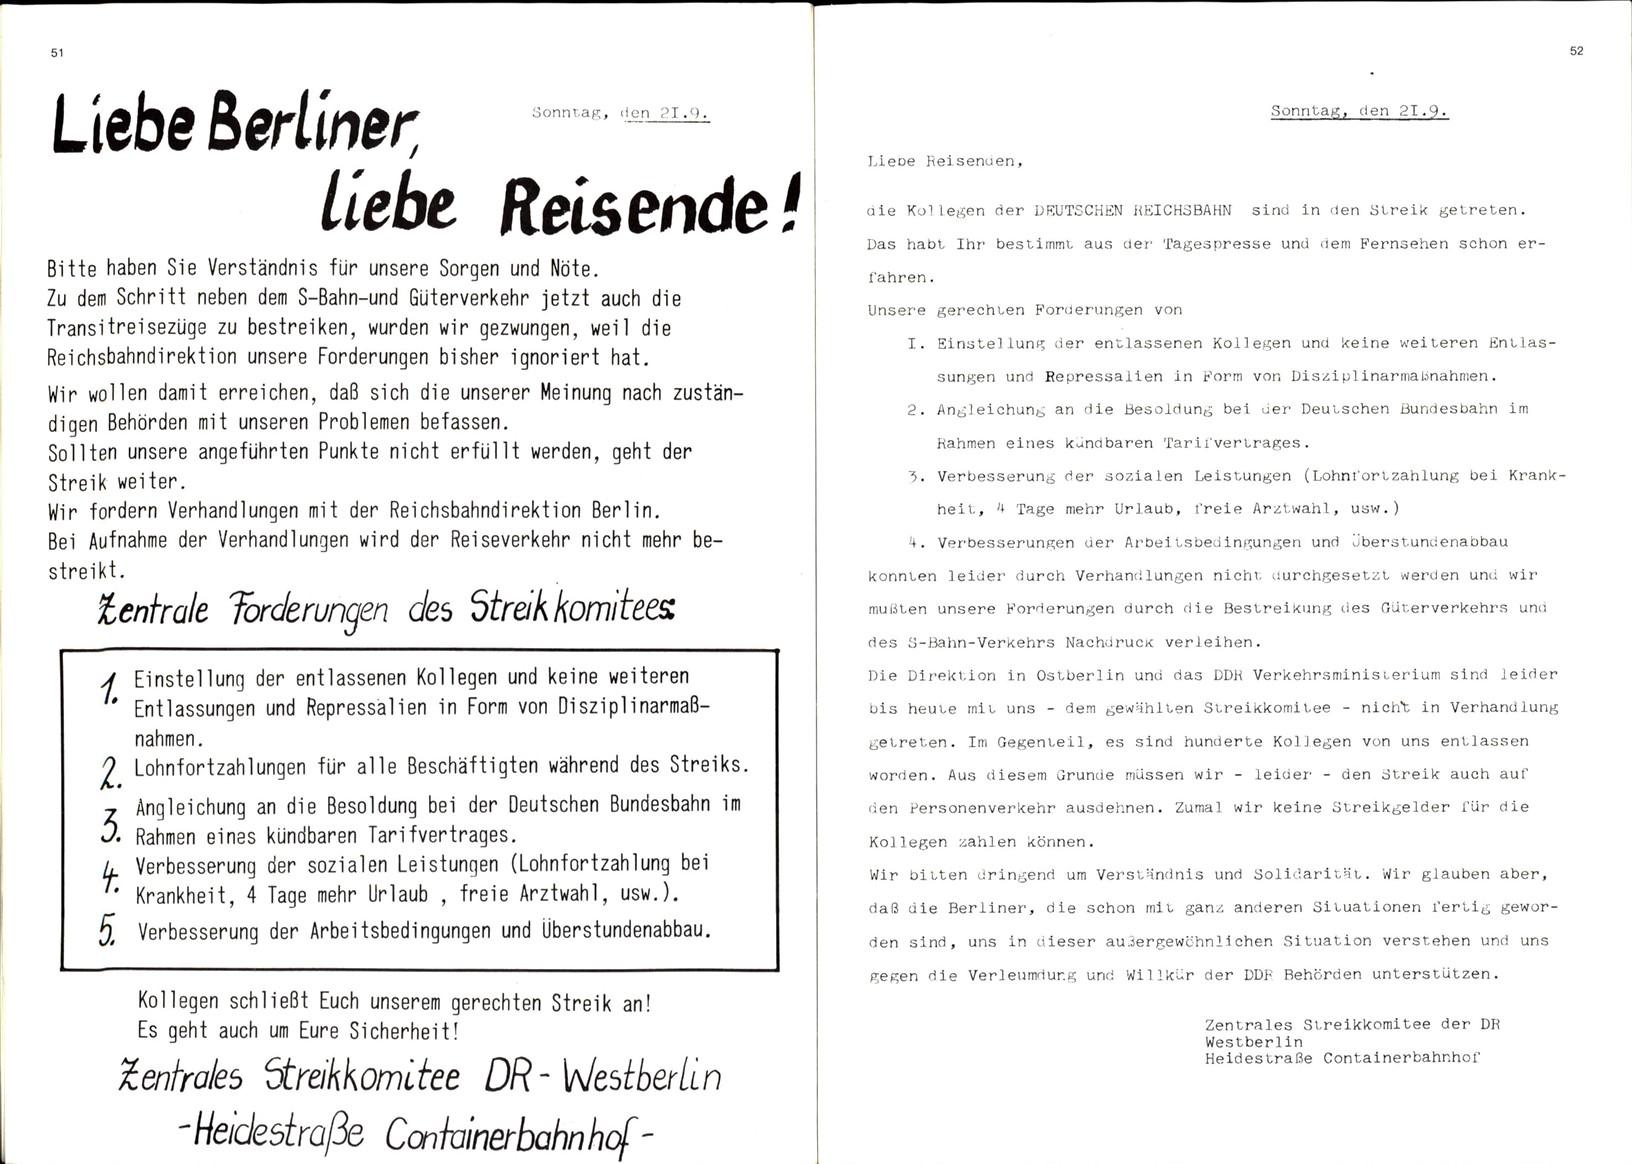 Berlin_Reichsbahnstreik28